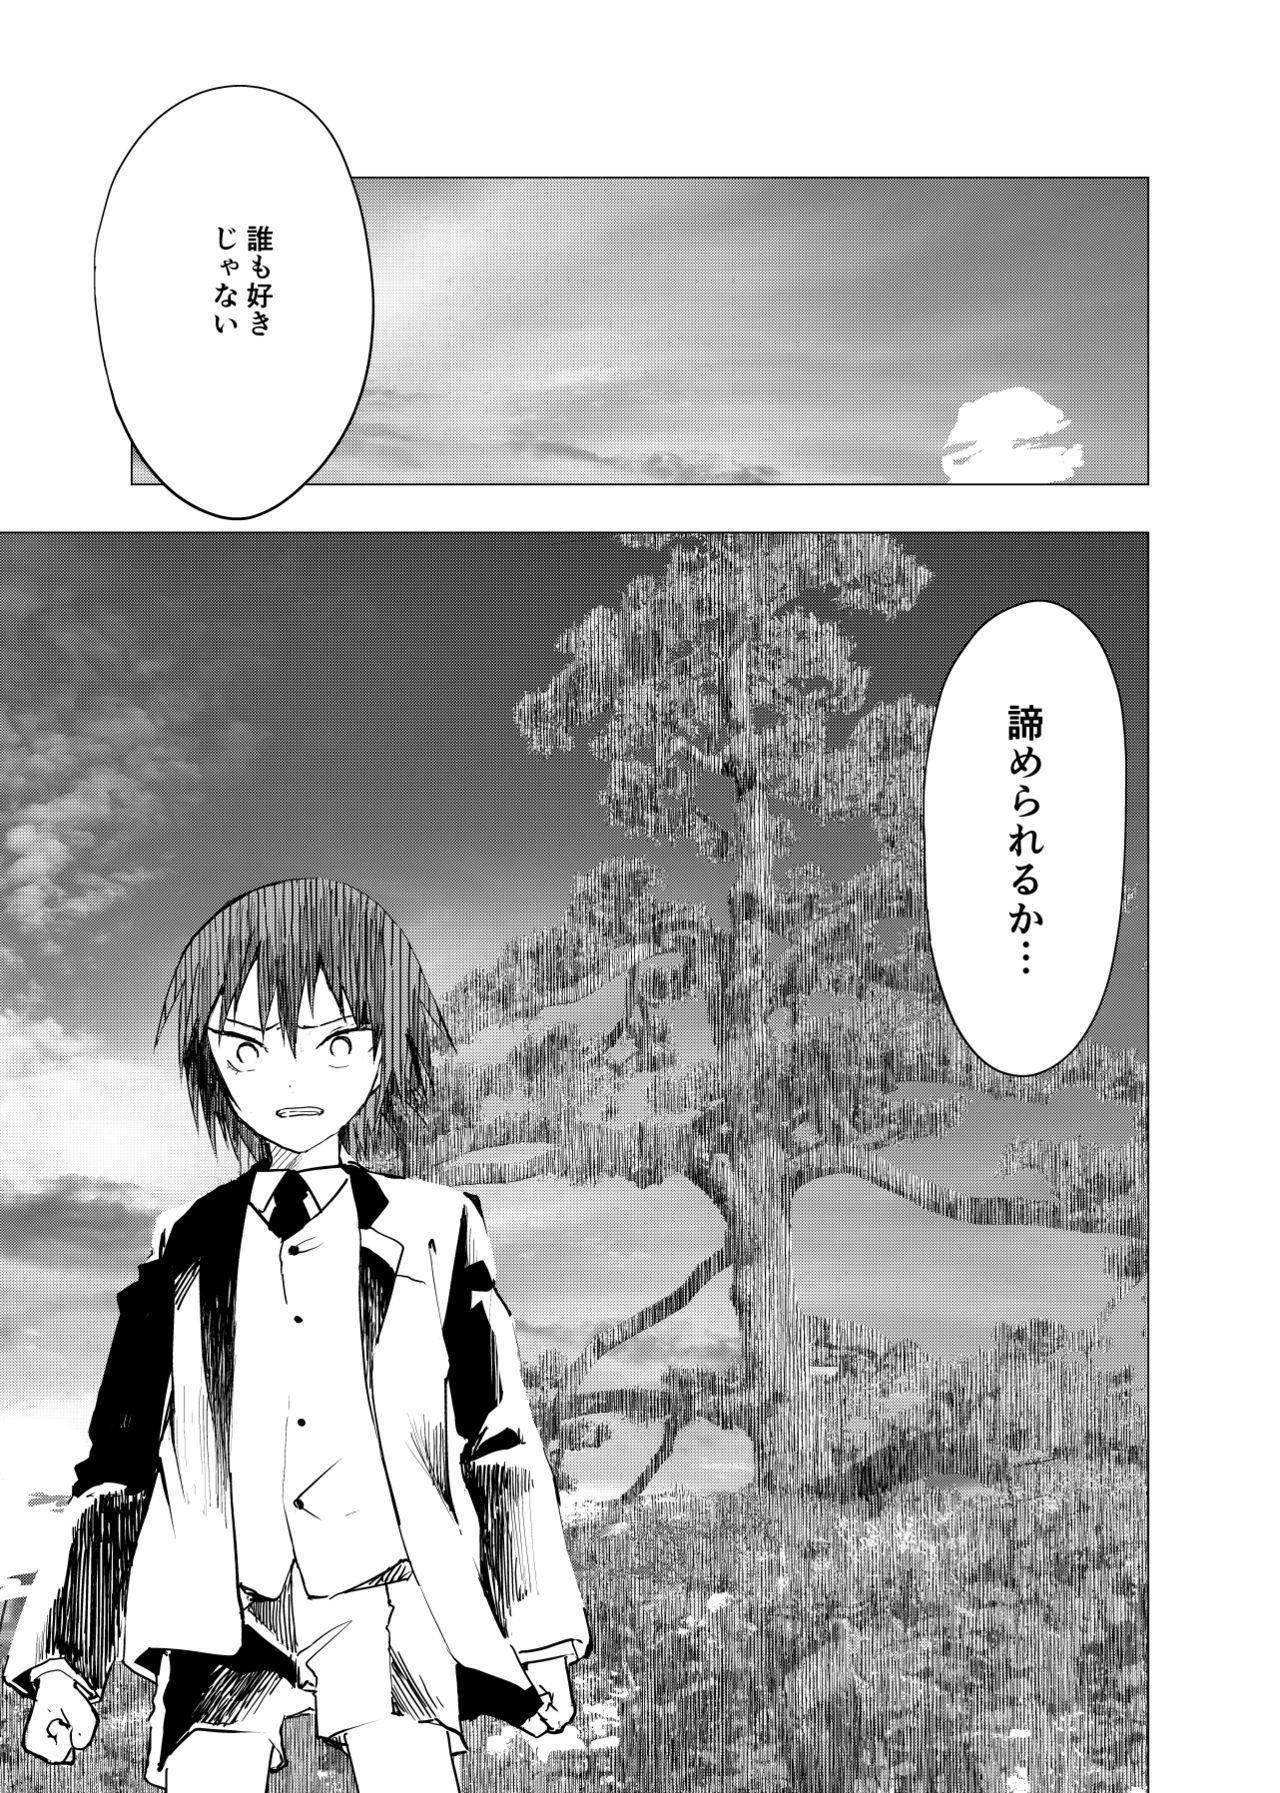 Inaka no Uke Shounen to Tokai no Seme Shounen no Ero Manga 1-6 129